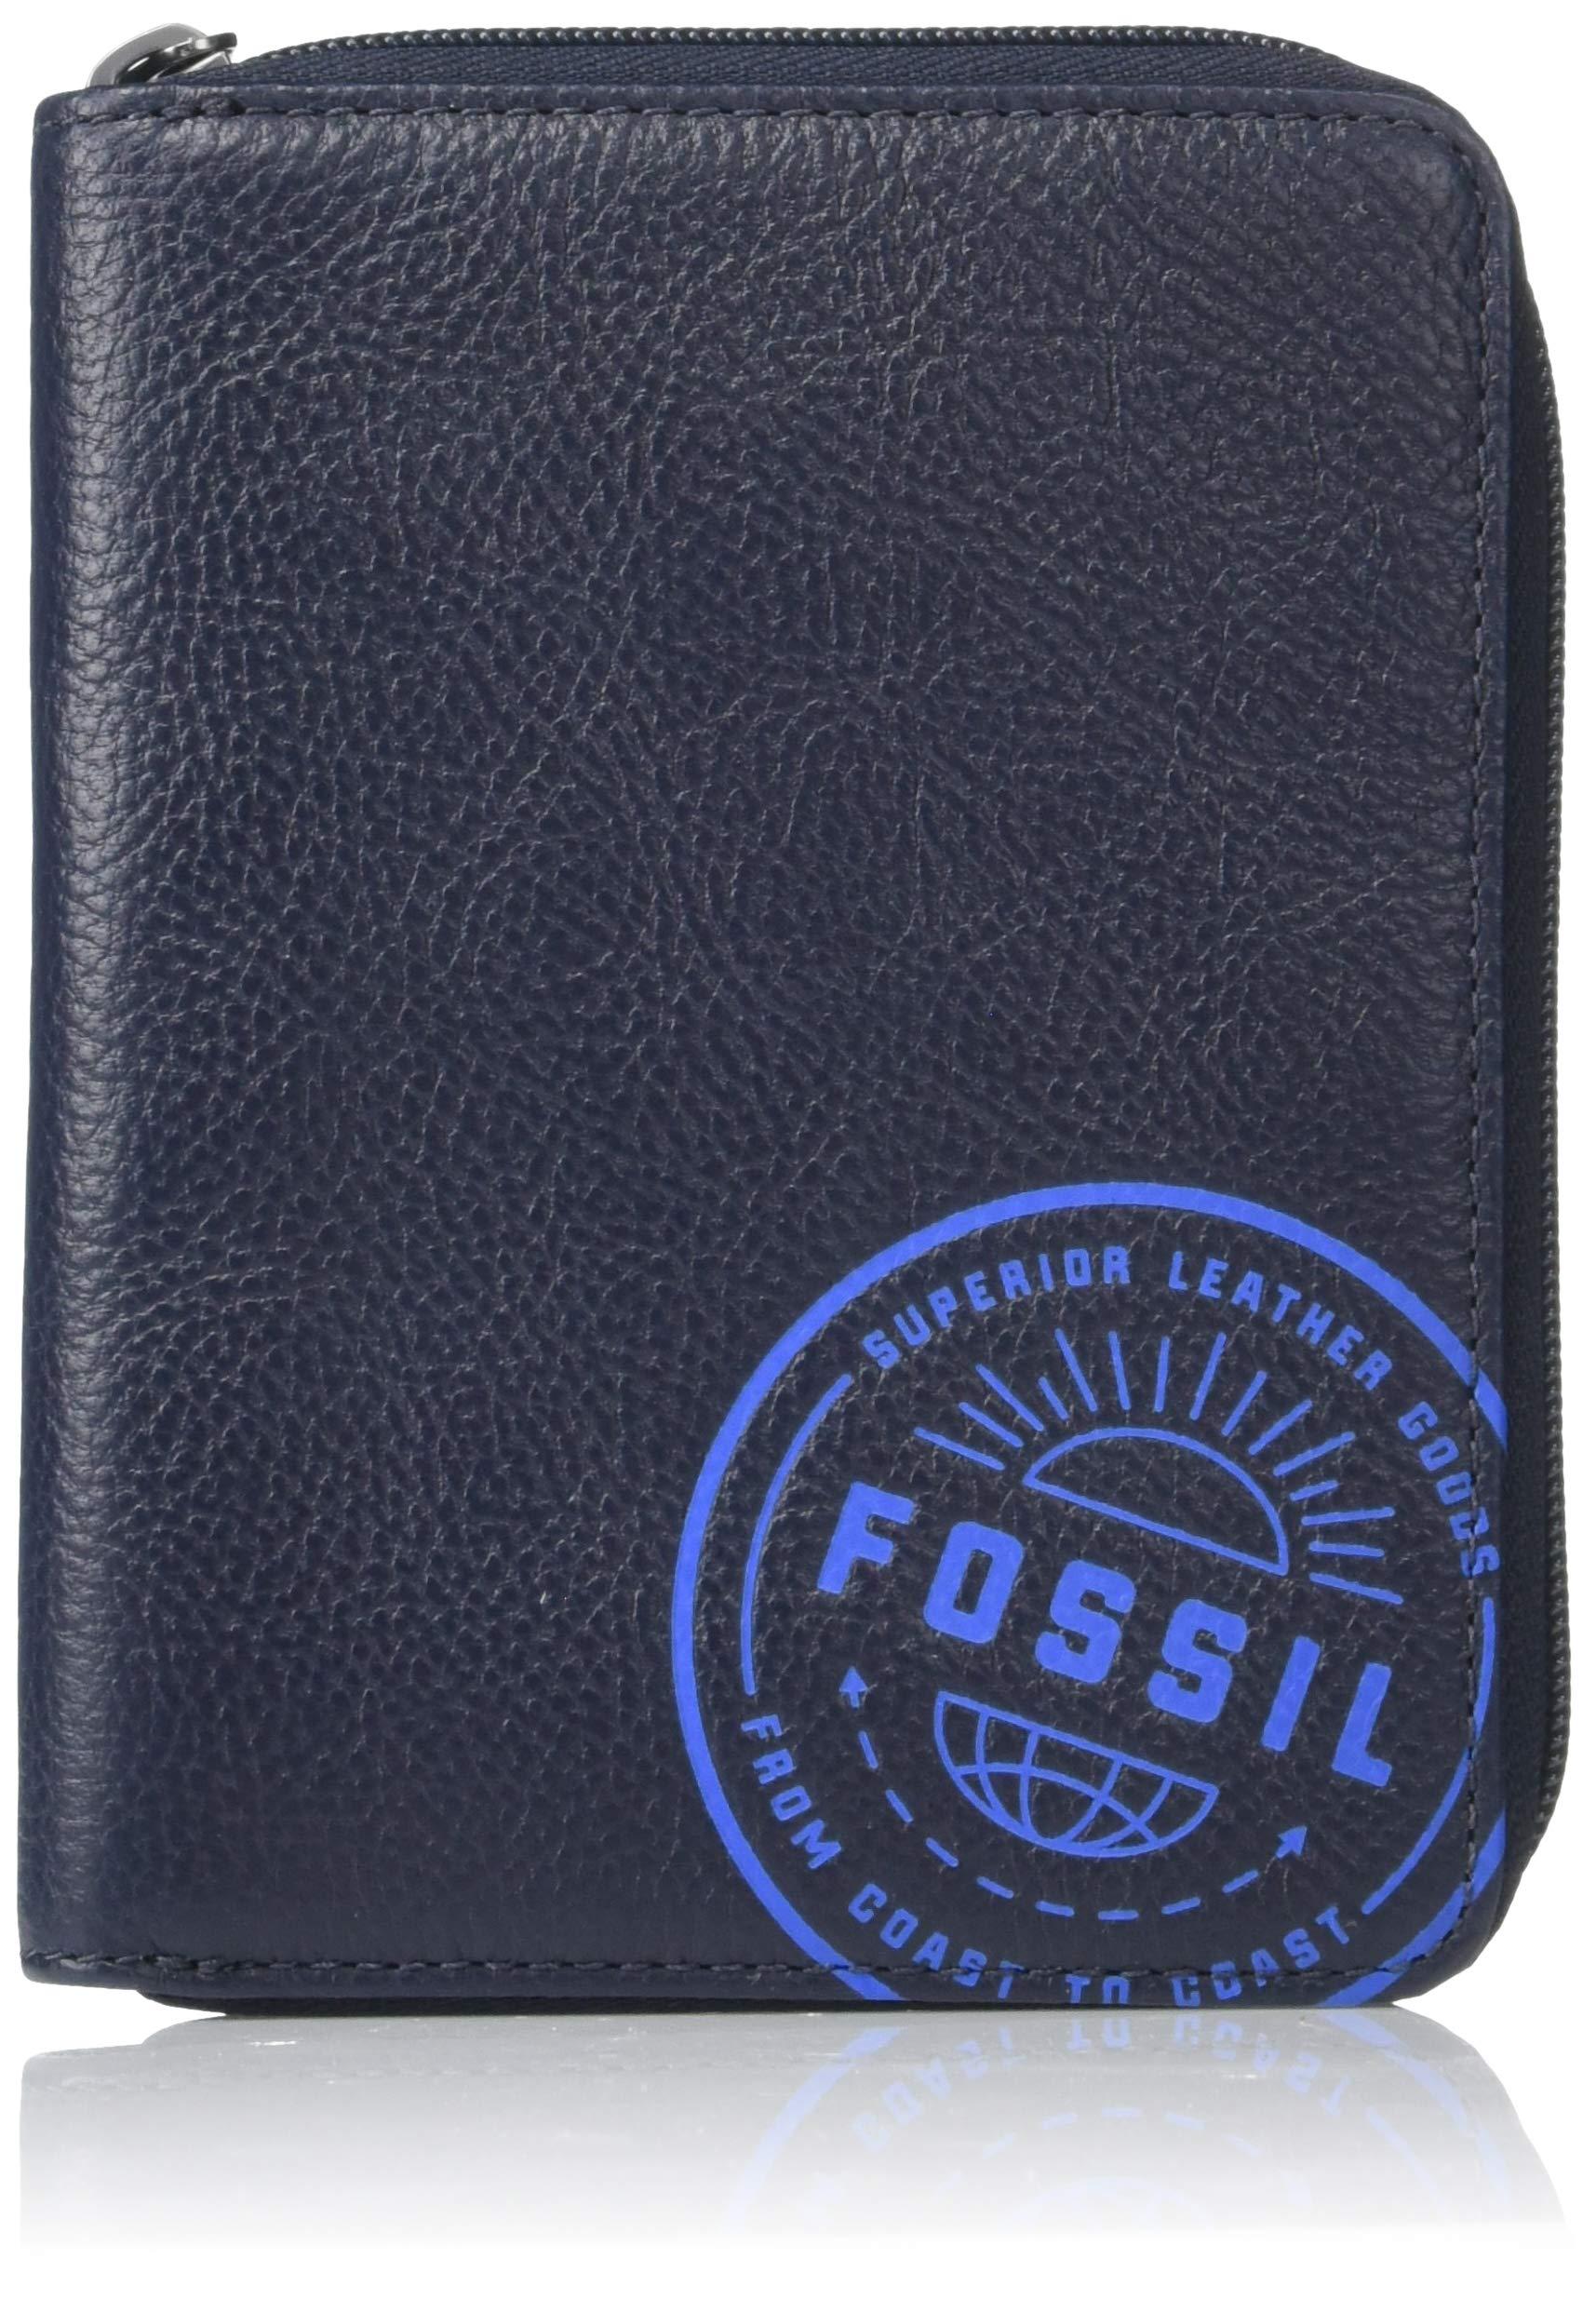 Fossil Men's Zip Passport Case ,Midnight Navy,6''L x 0.75''W x 4.5''H